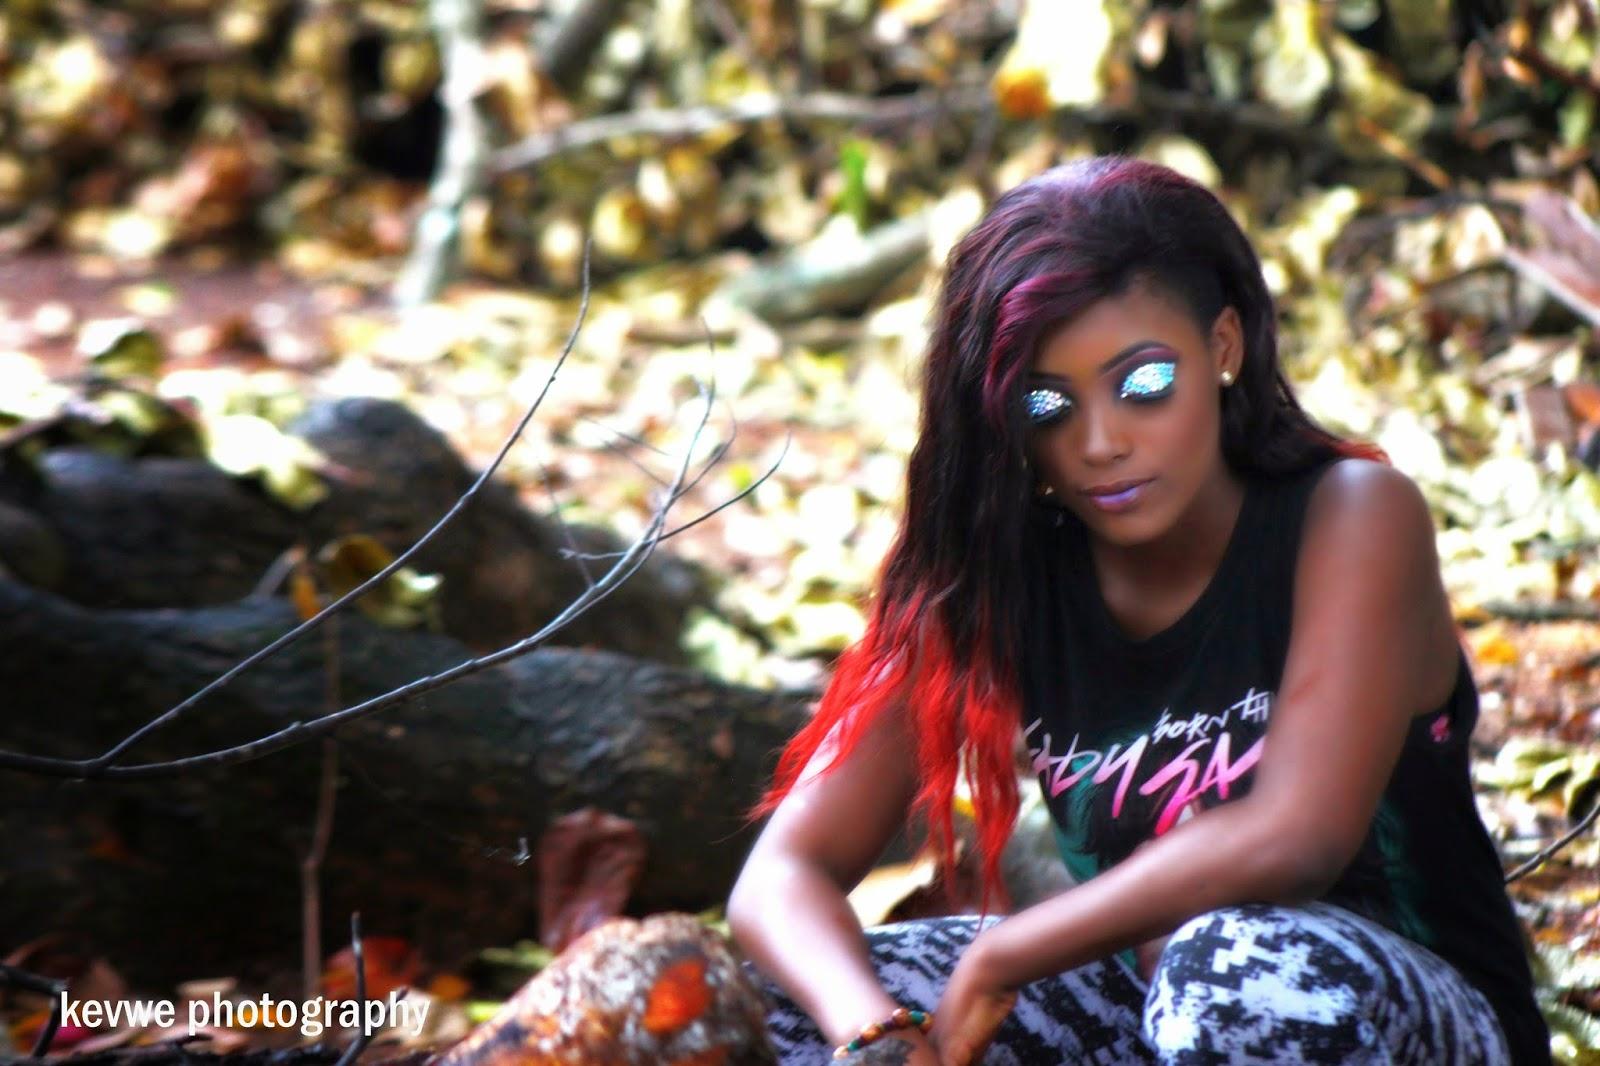 kevwe photography